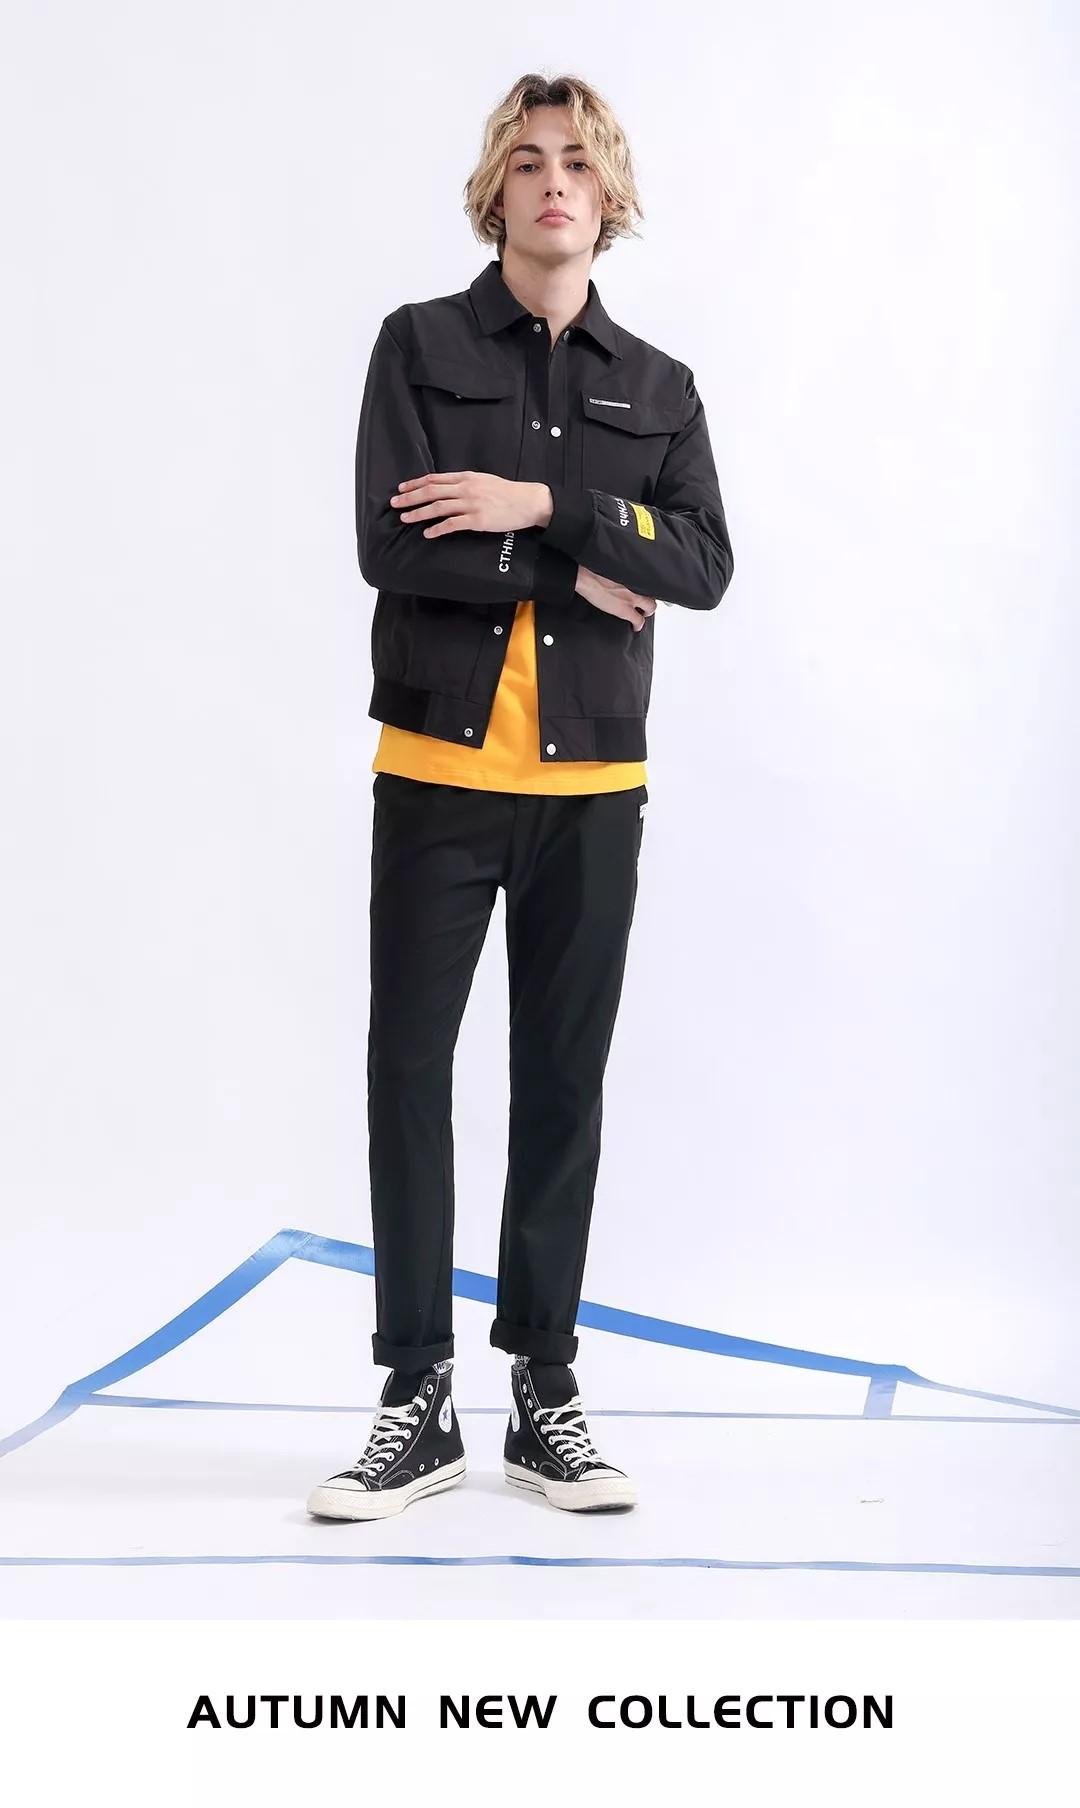 2019男装排行榜_十大男装品牌排名 美诺蒂男装开店利润大吗